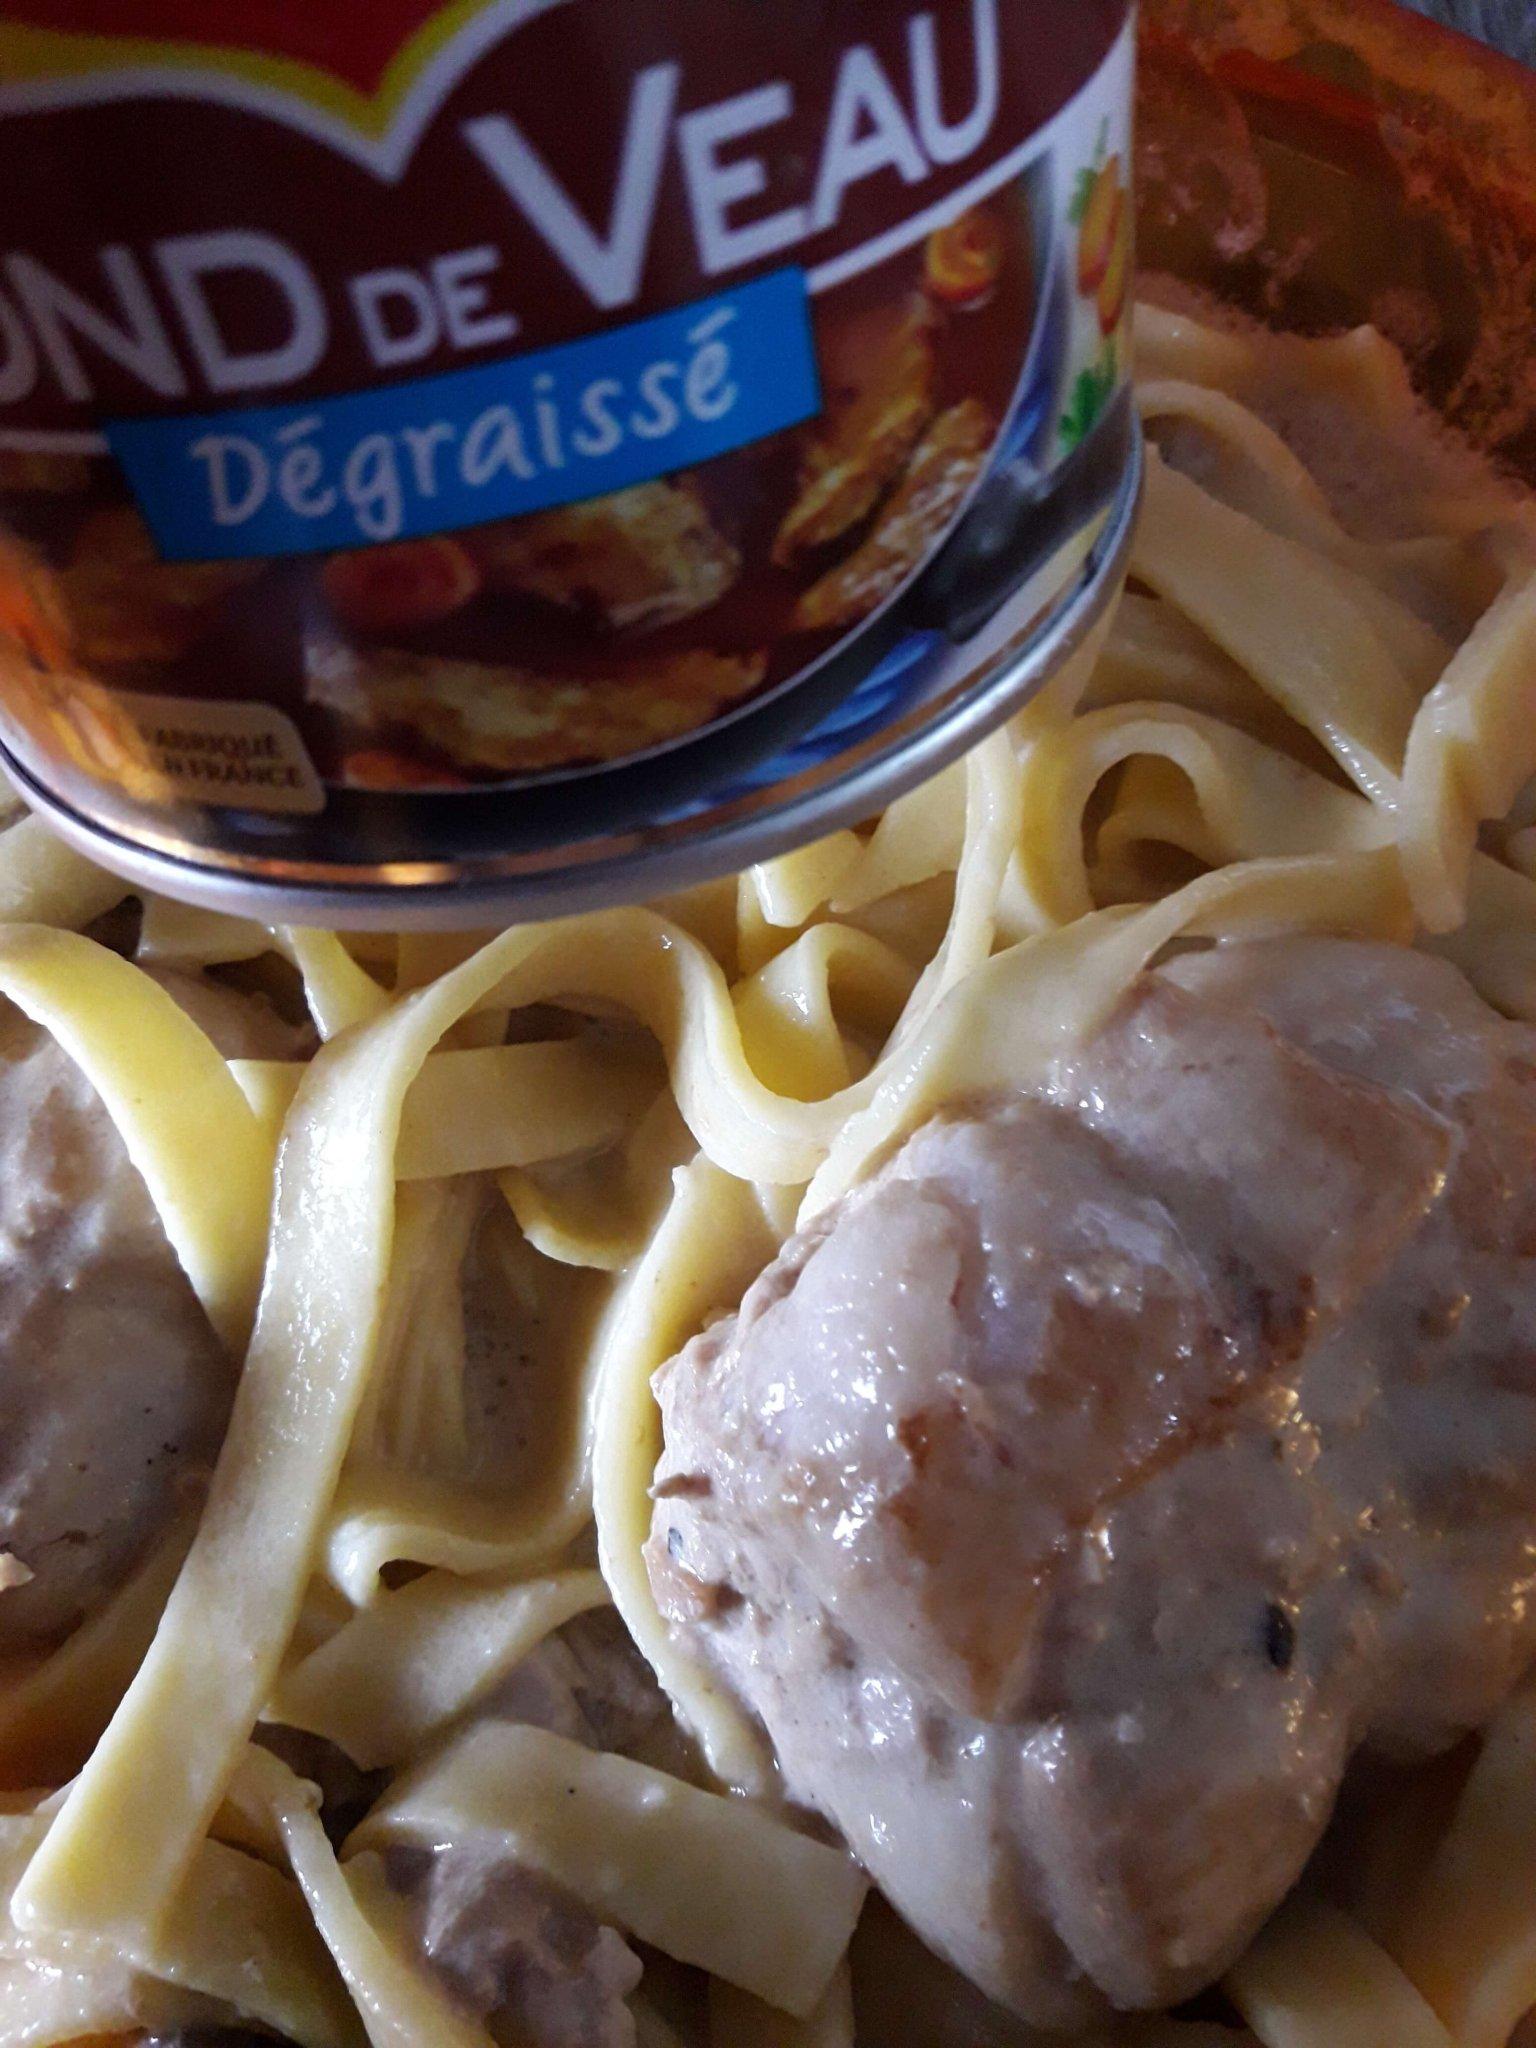 Paupiettes de porc tagliatelles recettes cookeo - Paupiette de porc recette ...